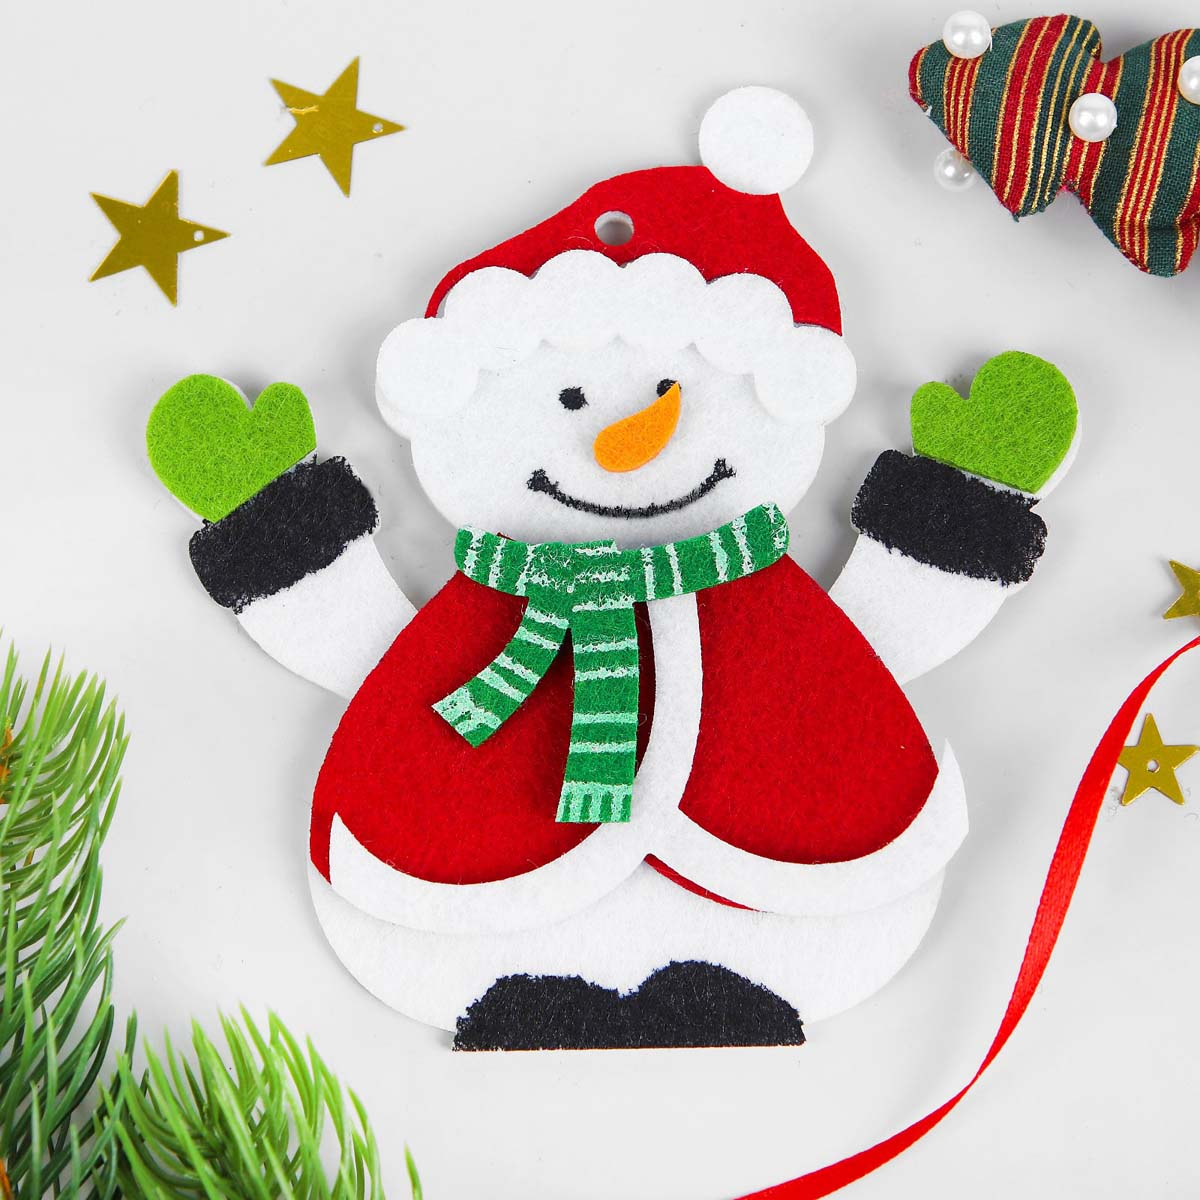 3555004 Набор для творчества - создай елочное украшение из фетра 'Снеговик в шапочке'